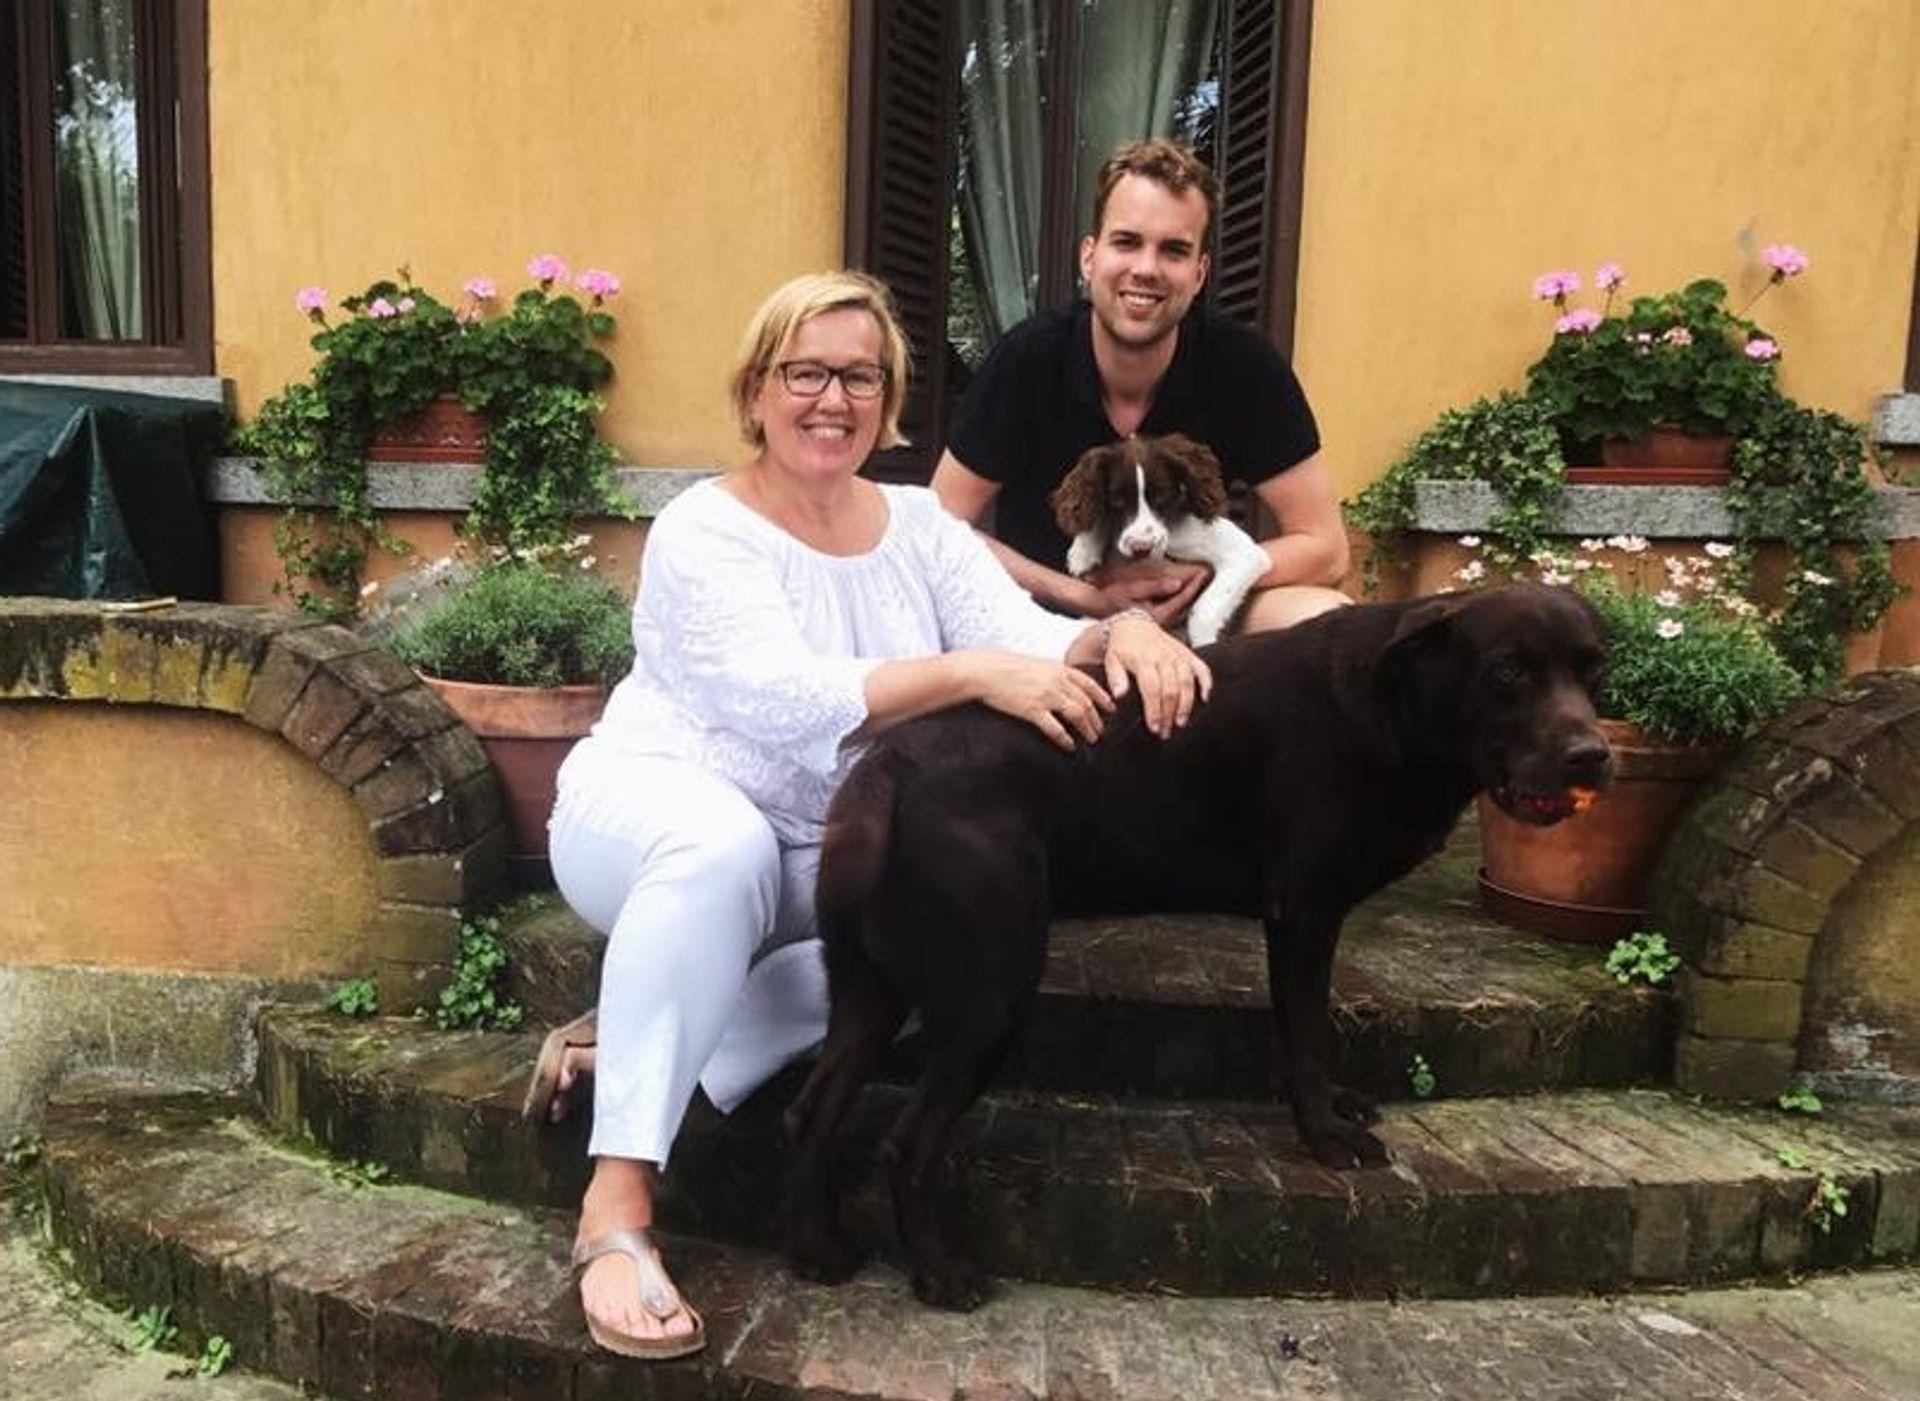 Wijnand belt met zijn tante uit Italië.. hoe gaat het met haar? #CORONA